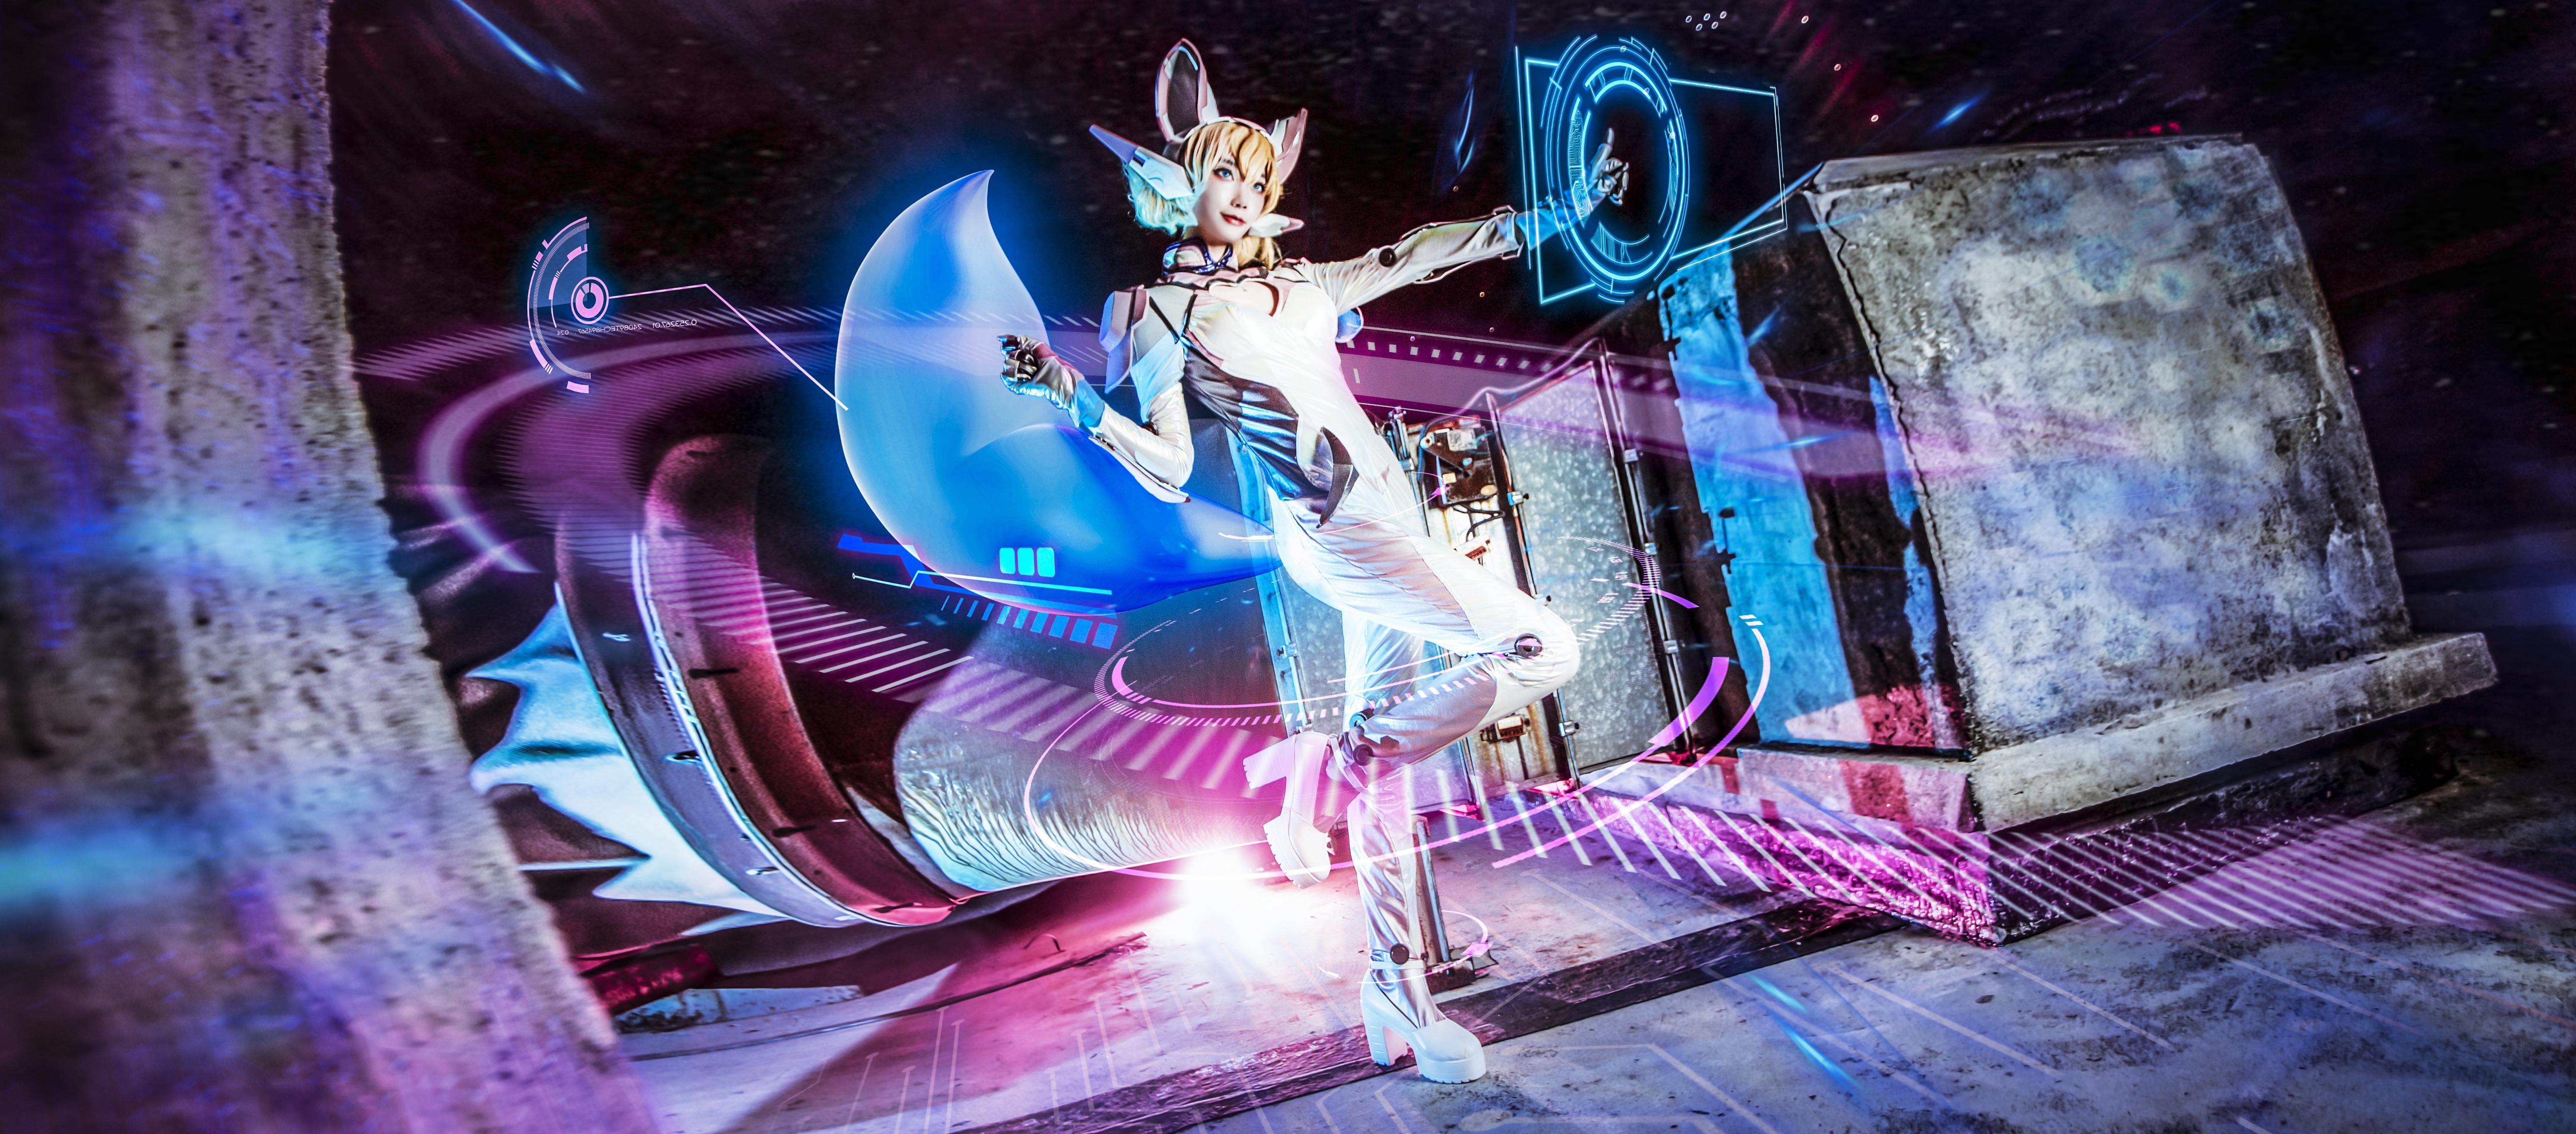 《王者荣耀》游戏cosplay【CN:哪个儿子需要治疗】-第6张